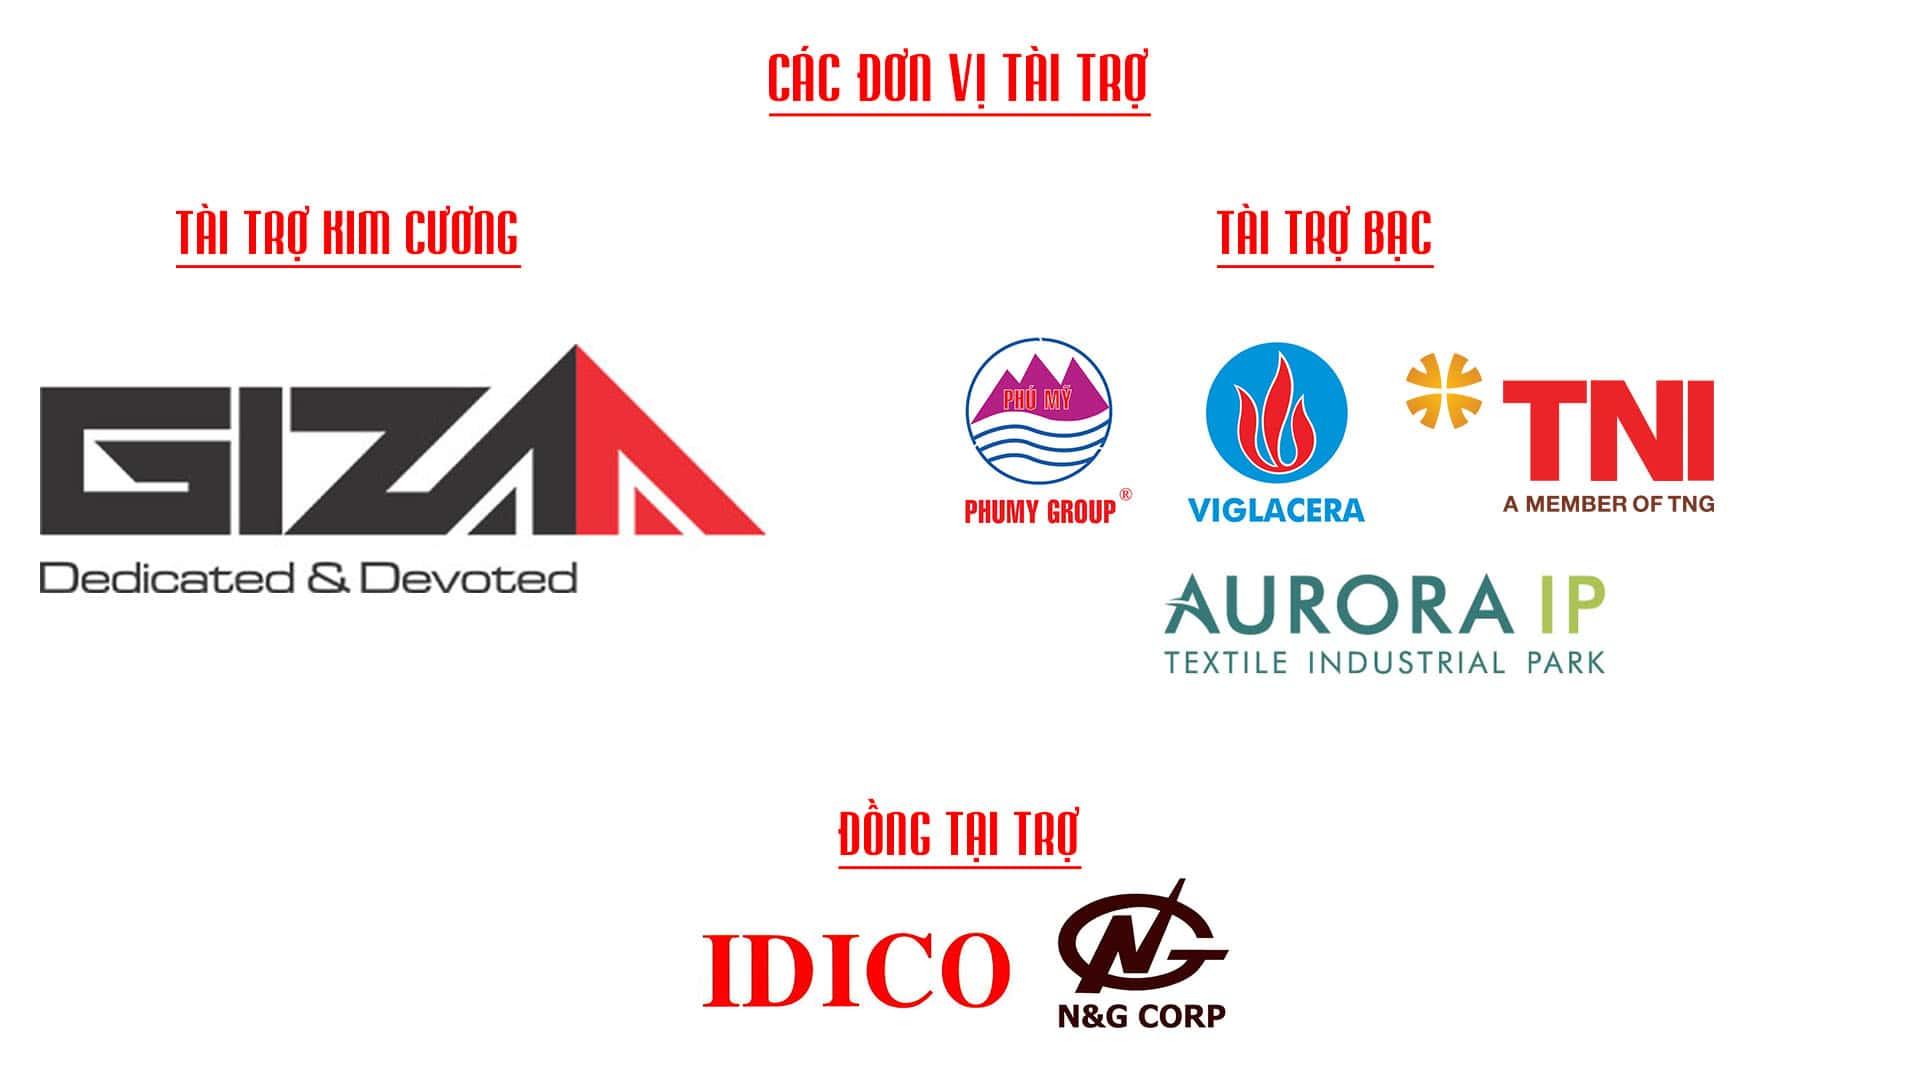 Các đơn vị tài trợ diễn đàn bất động sản khu công nghiệp việt nam 2019